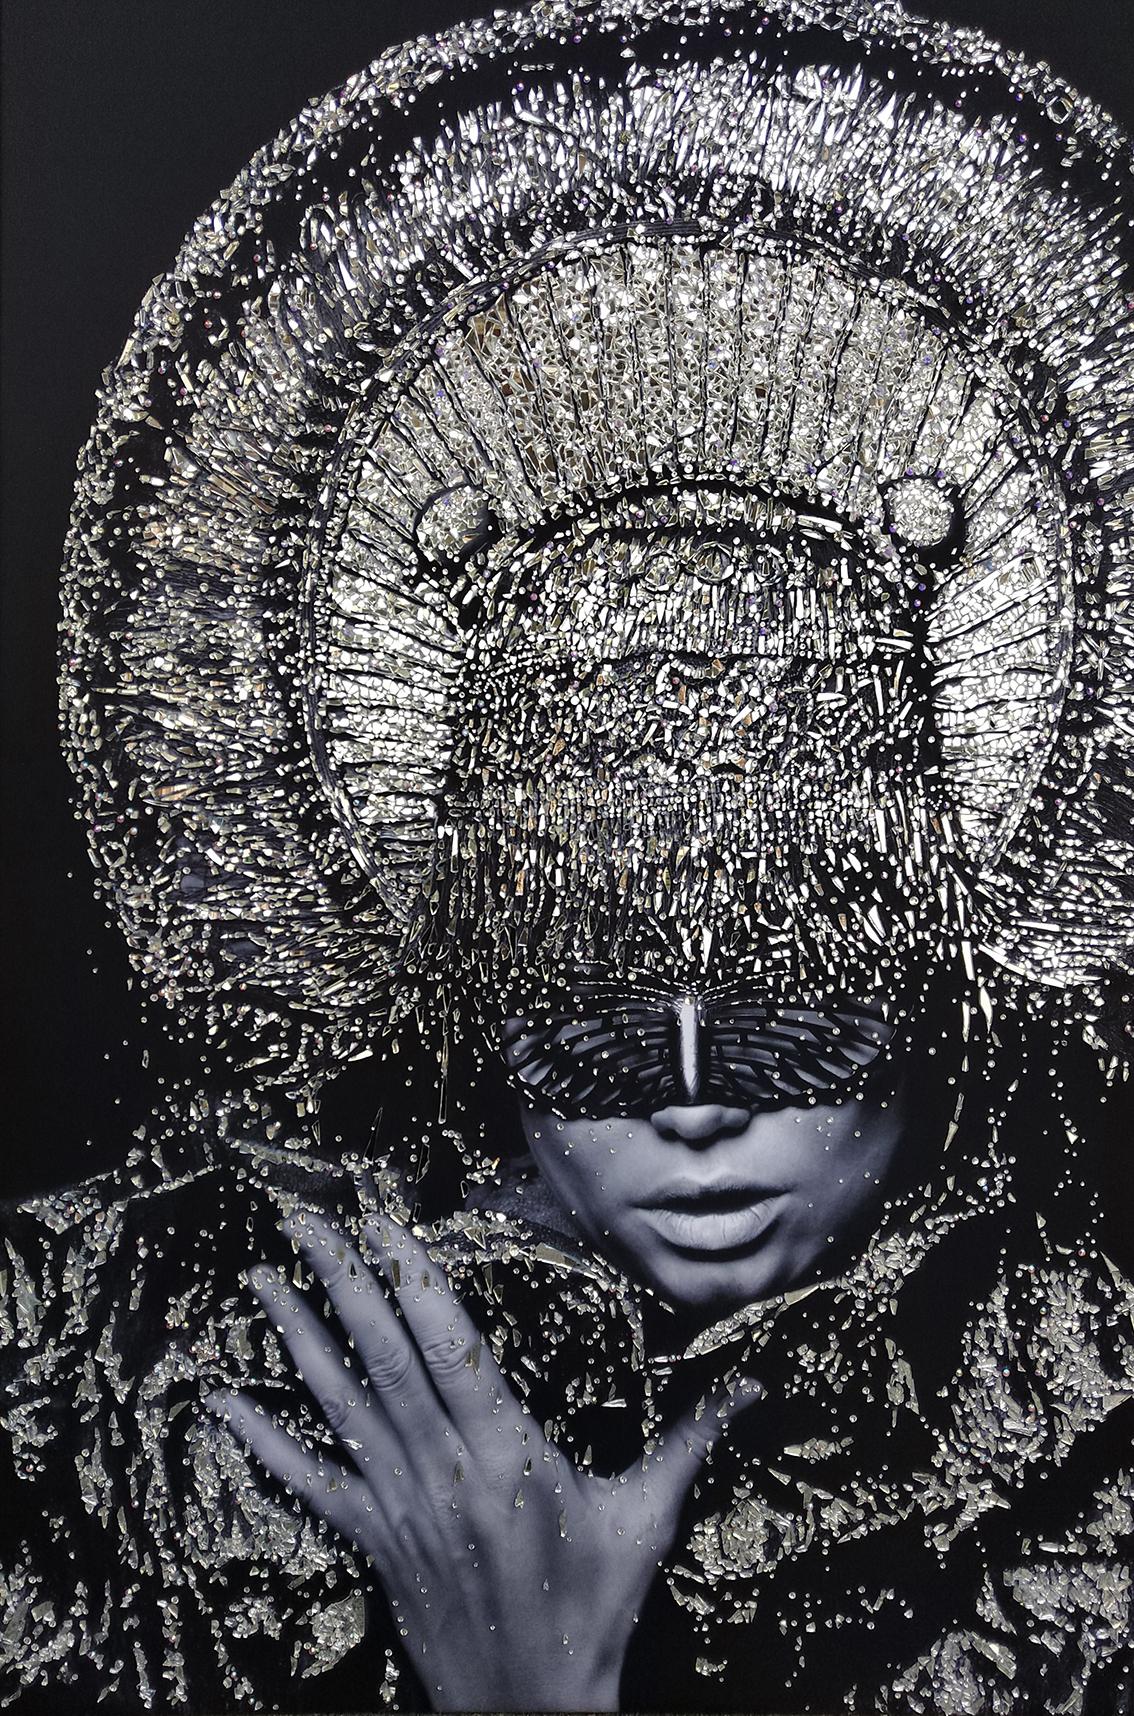 IUSTITIA - VanitartCollezione Le Regine GuerriereMisura 80x120 cmLavorazione in cristalli Swarovski e Specchi